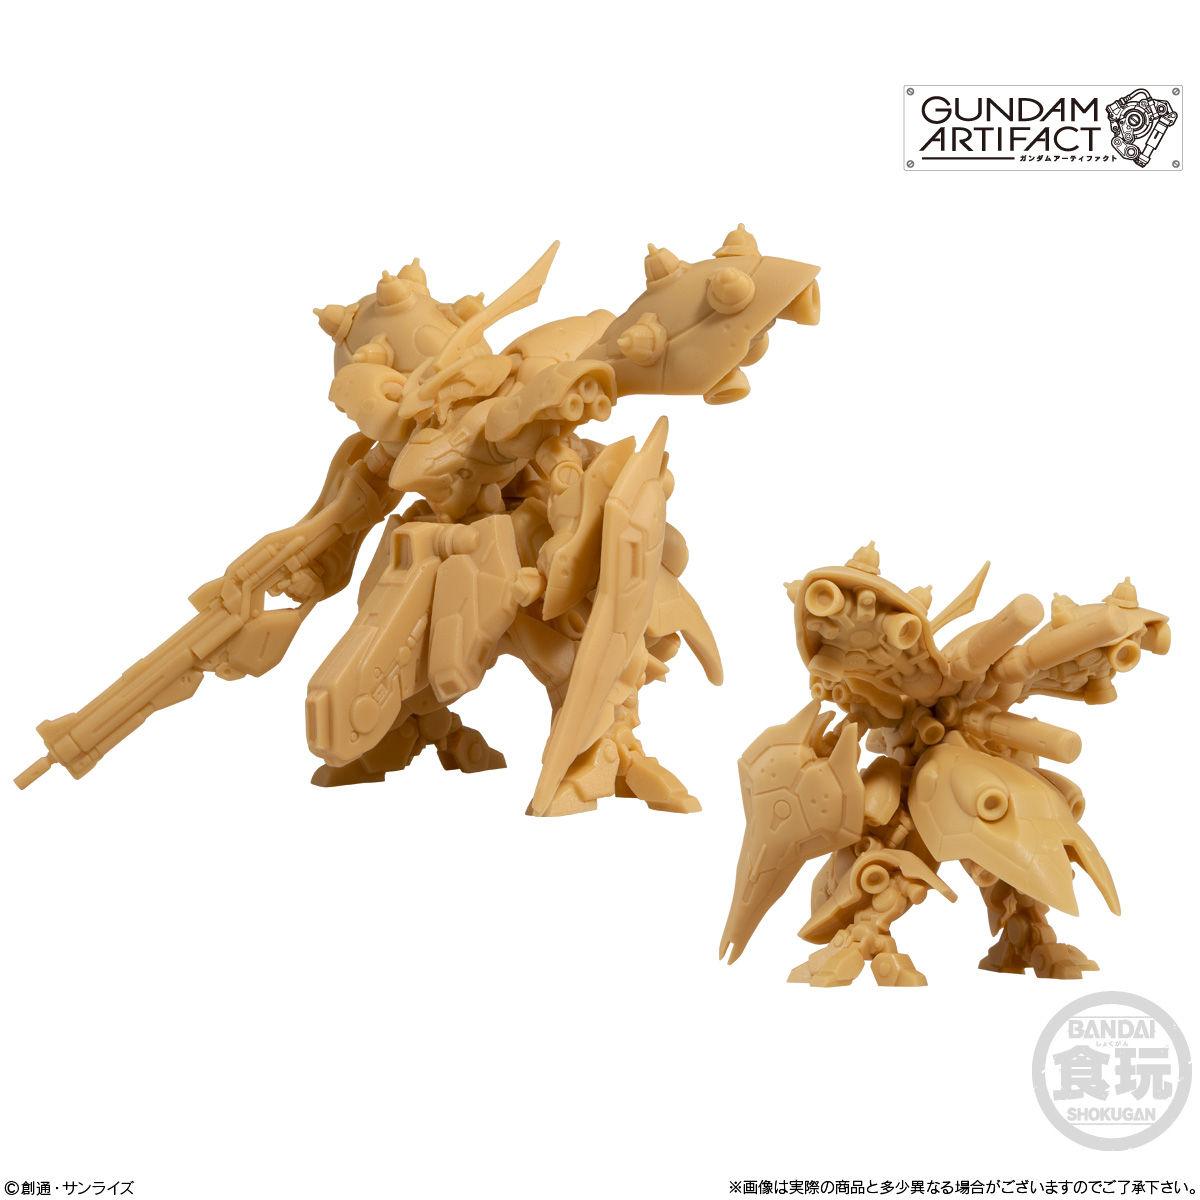 【再販】【食玩】機動戦士ガンダム『ガンダムアーティファクト』プラ製ミニキット 10個入りBOX-006